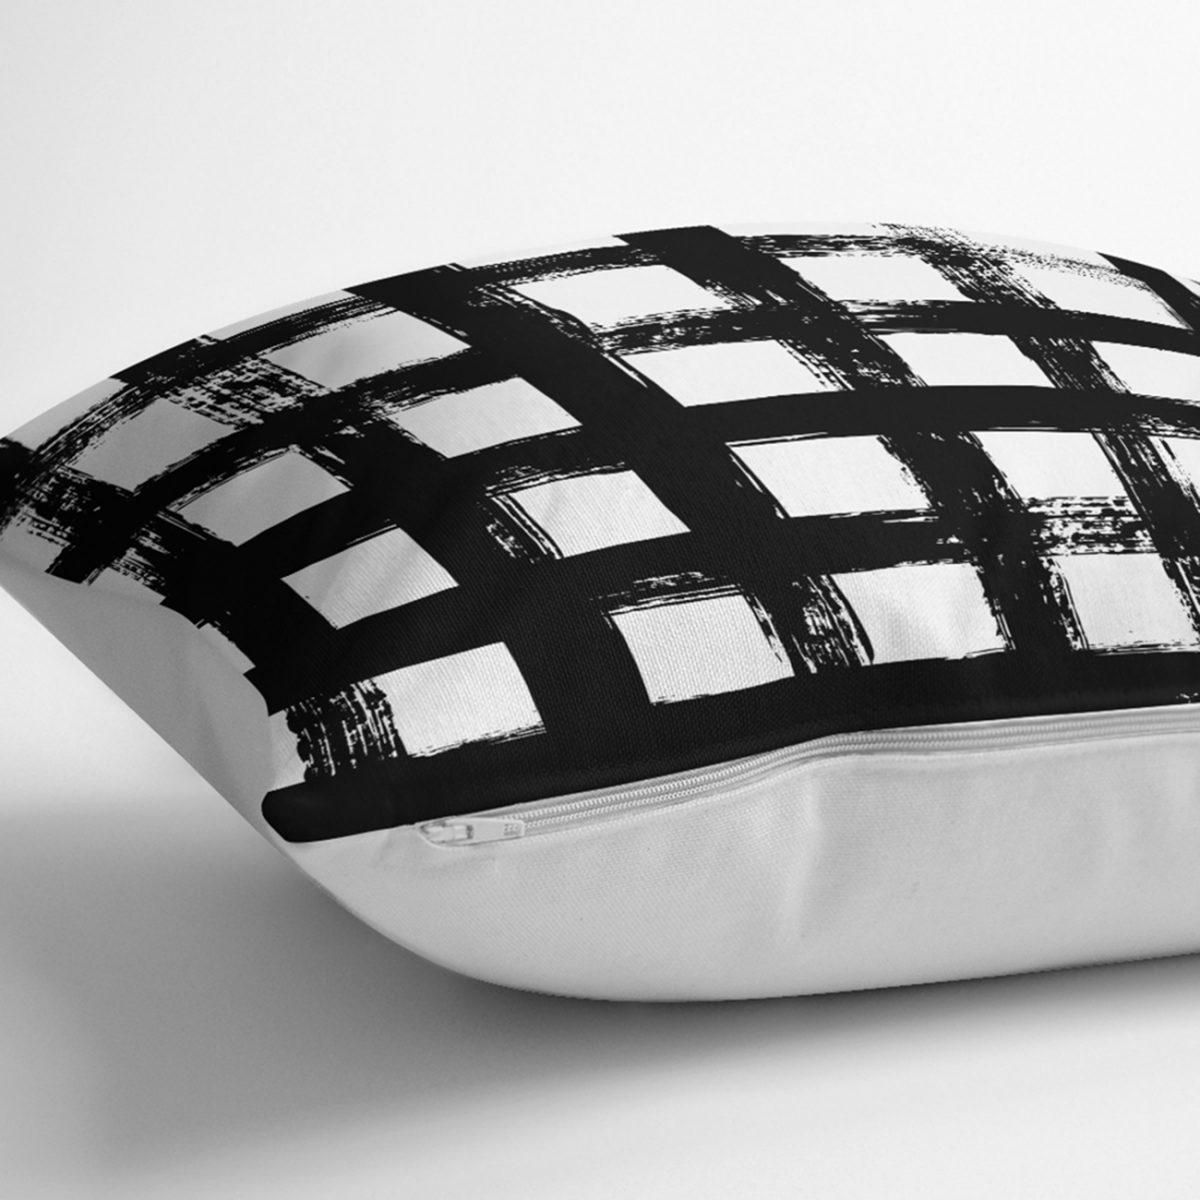 Siyah Zeminde Geometrik Kare Motifli Dekoratif Yastık Kılıfı Realhomes